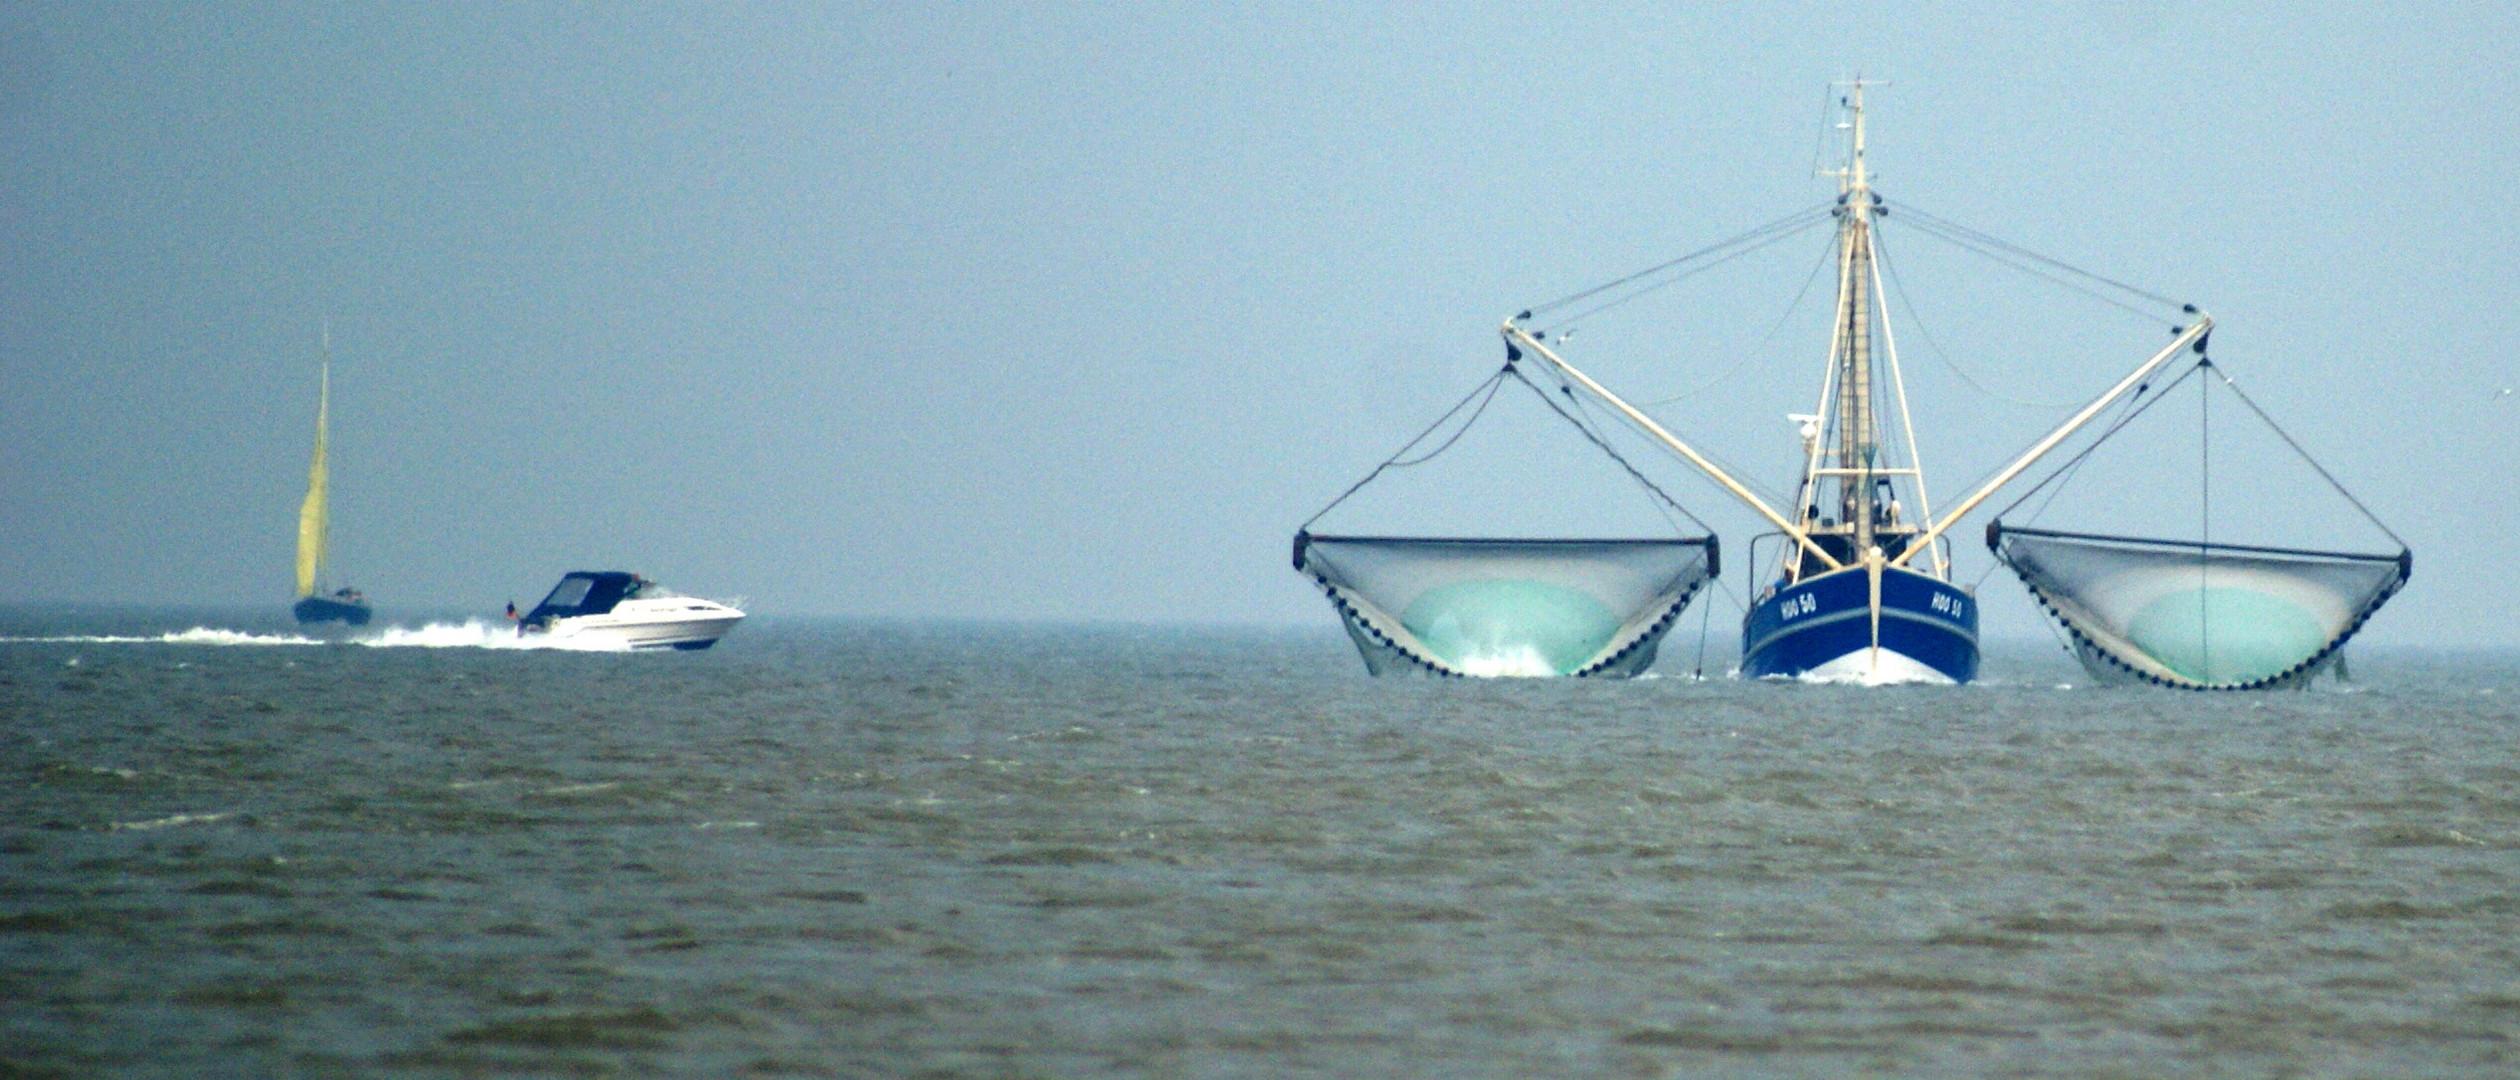 Fischerboot in Begleitung.